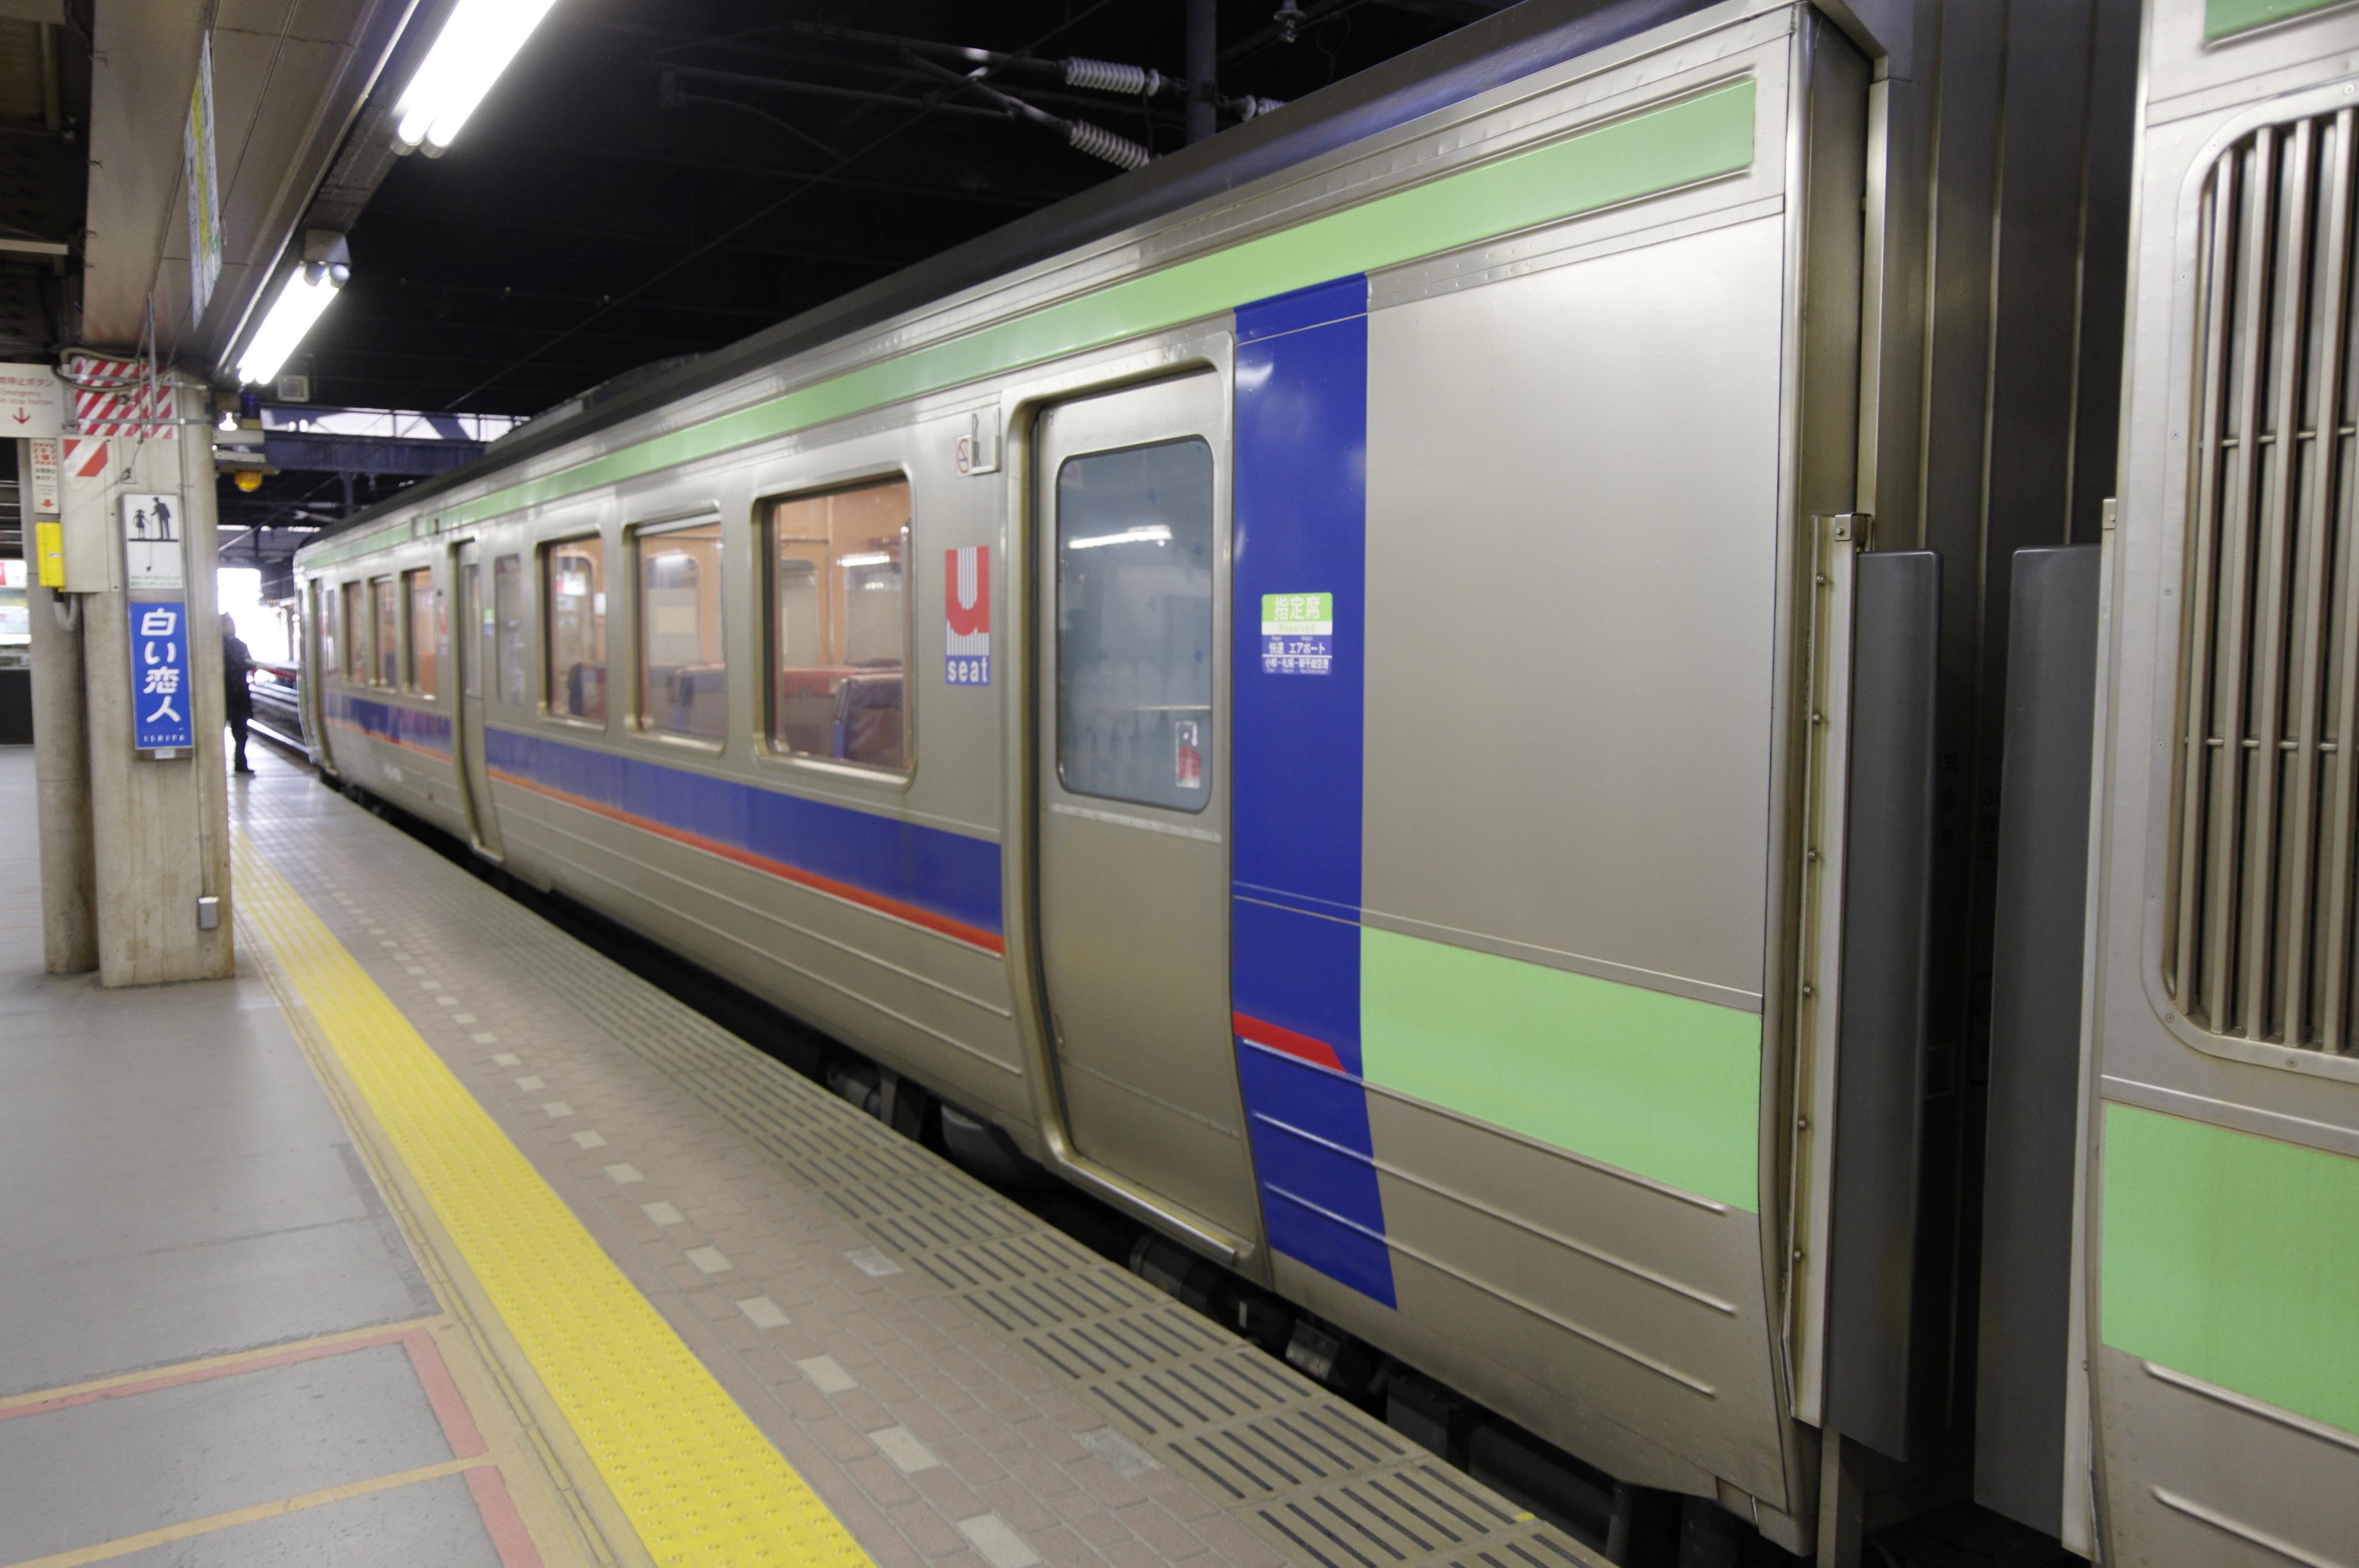 札幌駅 721系F1009編成 クハ721-1009後方より_180520.jpg